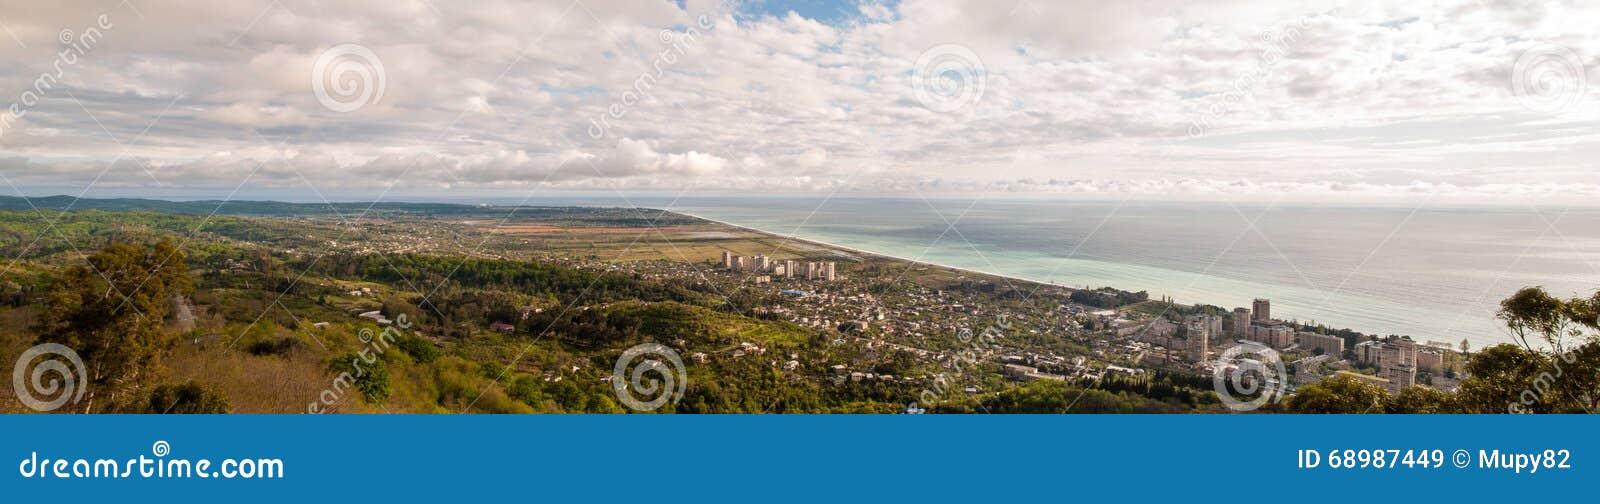 Imagen panorámica de la ciudad de Gagra, Abjasia